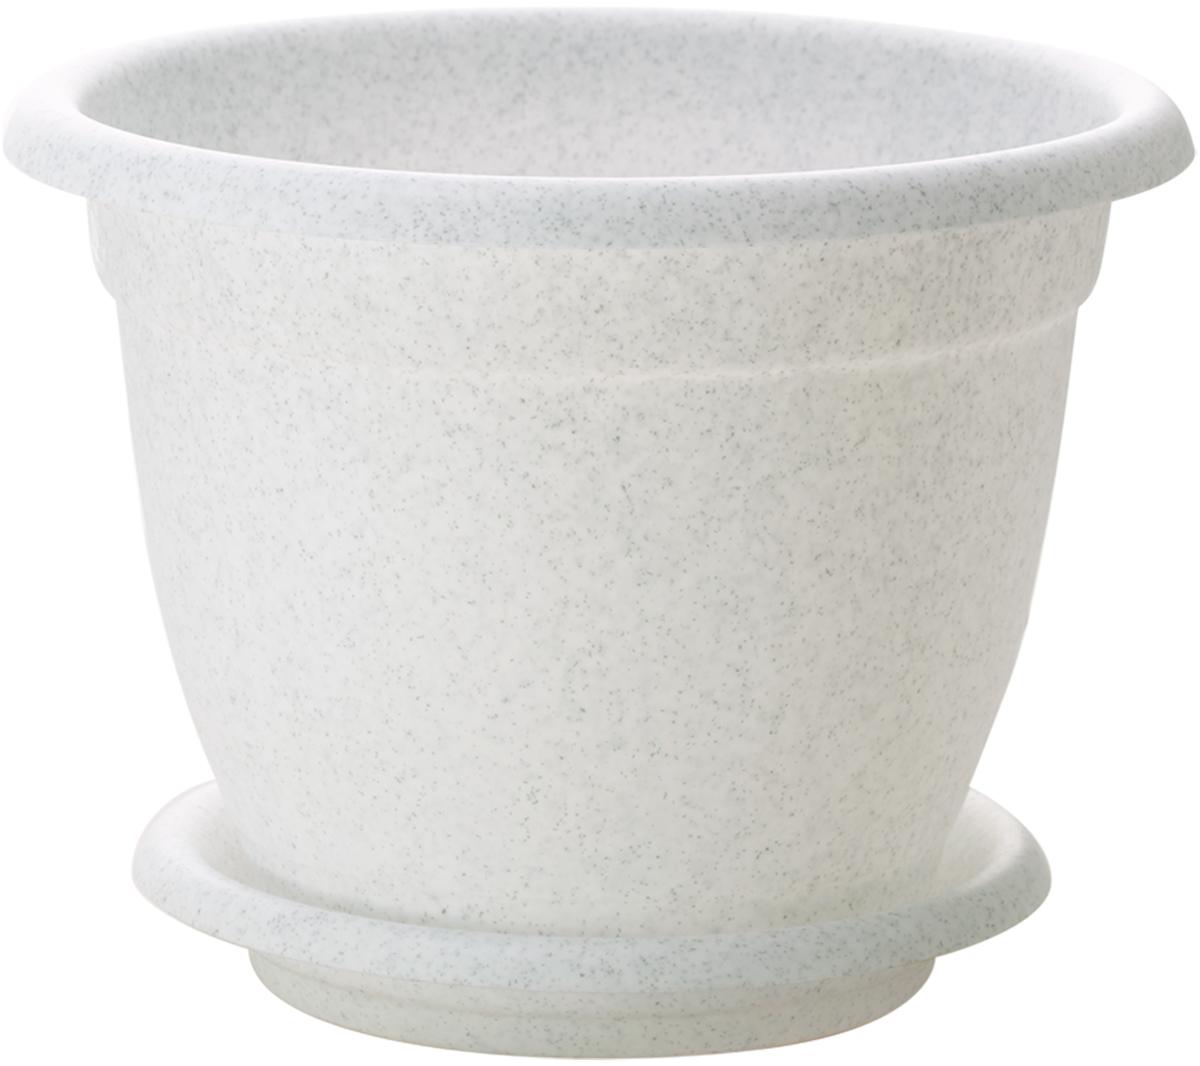 Горшок для цветов InGreen Борнео, с поддоном, цвет: мраморный, диаметр 19 см02861_1Горшок InGreen Борнео выполнен из высококачественного полипропилена (пластика) и предназначен для выращивания цветов, растений и трав. Снабжен поддоном для стока воды.Такой горшок порадует вас функциональностью, а благодаря лаконичному дизайну впишется в любой интерьер помещения.Диаметр горшка (по верхнему краю): 19 см. Высота горшка: 15,5 см. Диаметр поддона: 15 см.